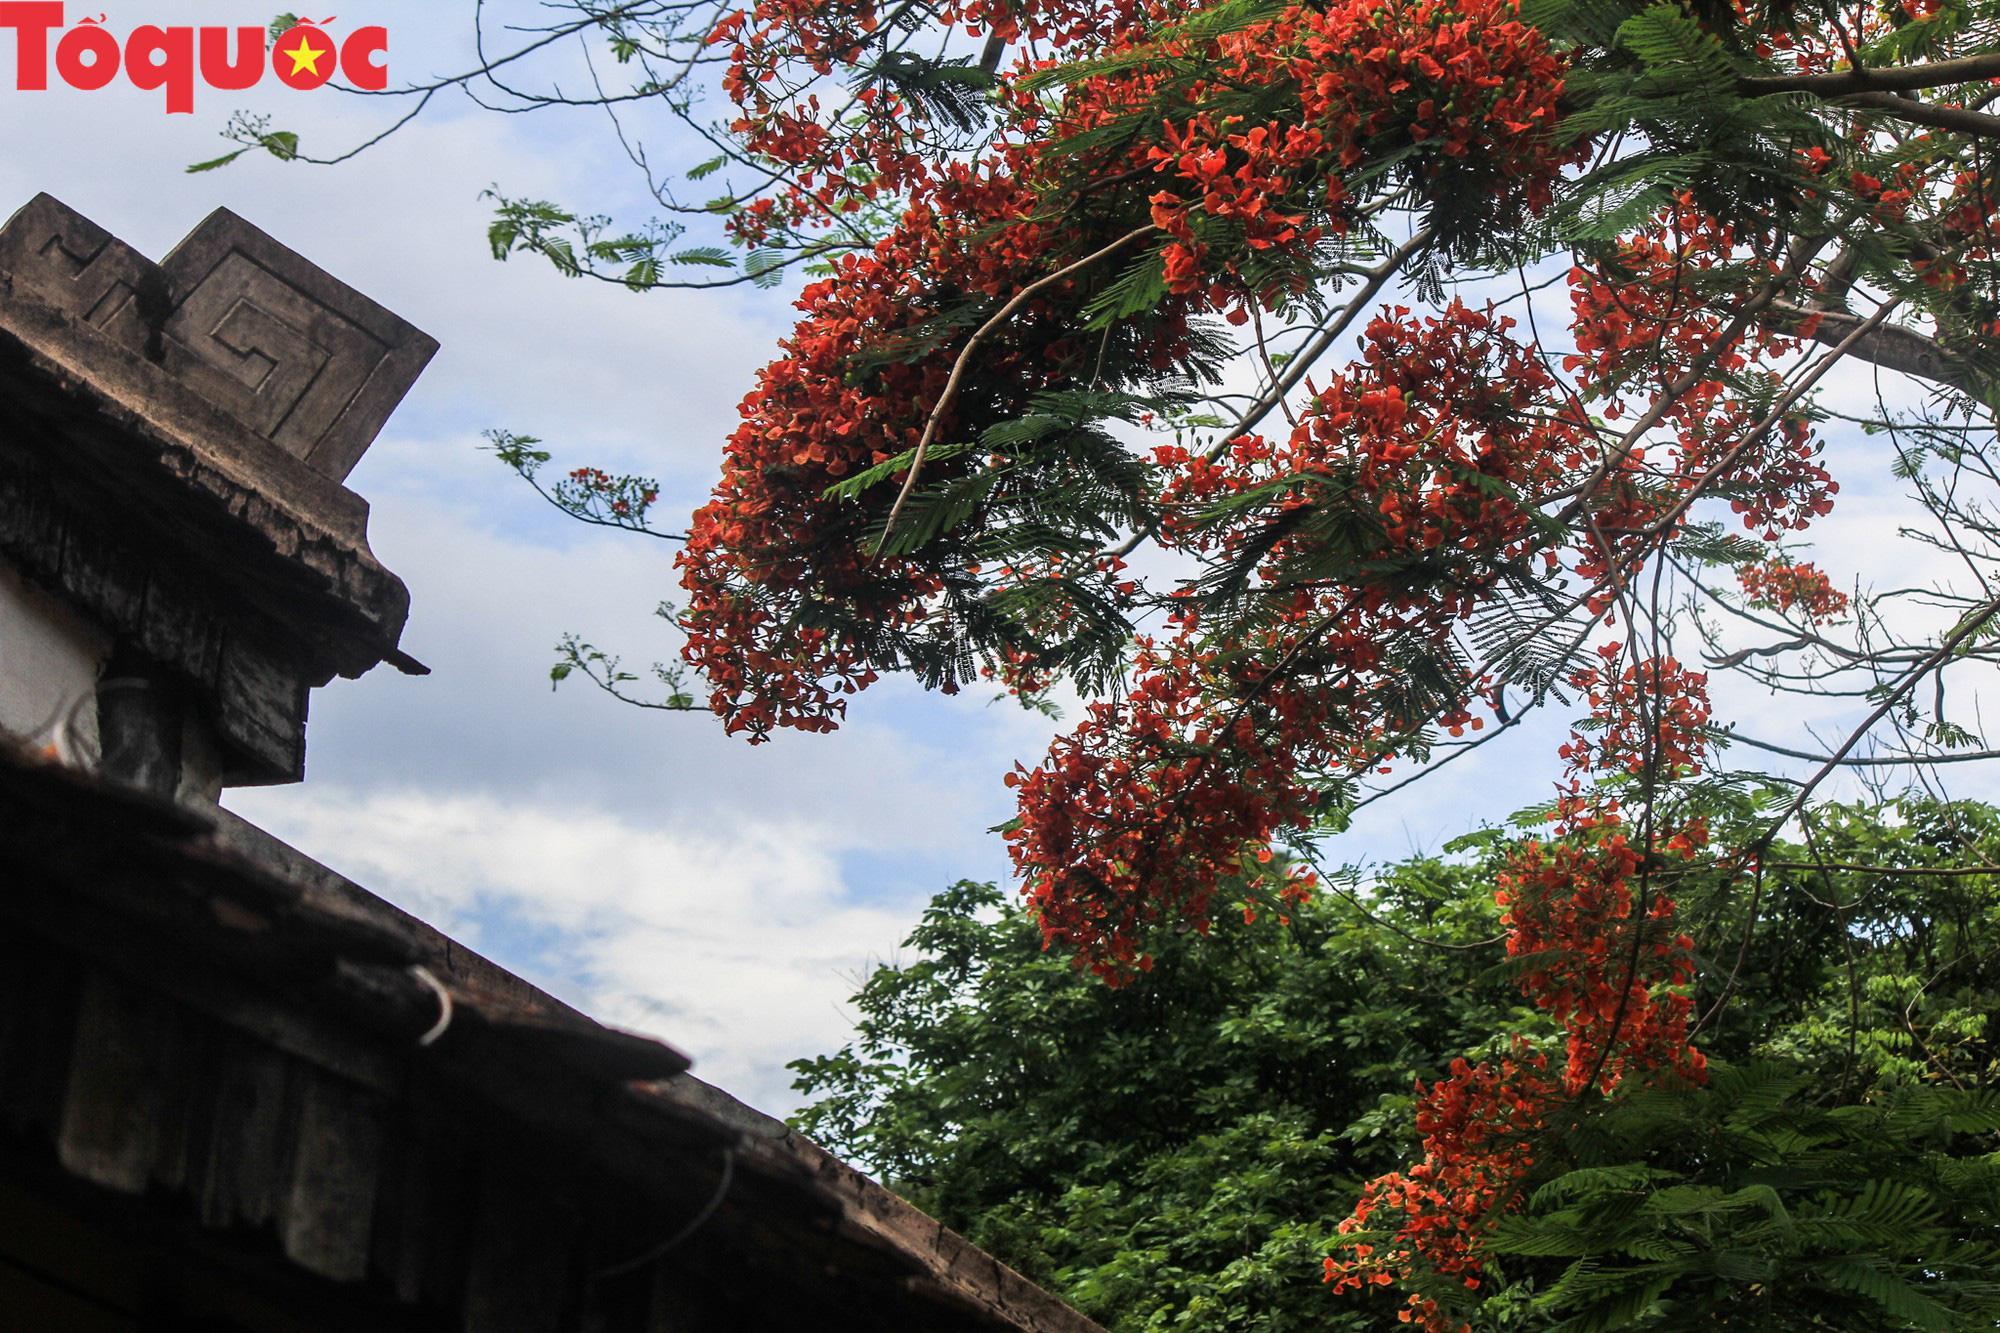 Đất trời xứ Huế đẹp rực rỡ trong mùa phượng vĩ nở hoa Ảnh 6